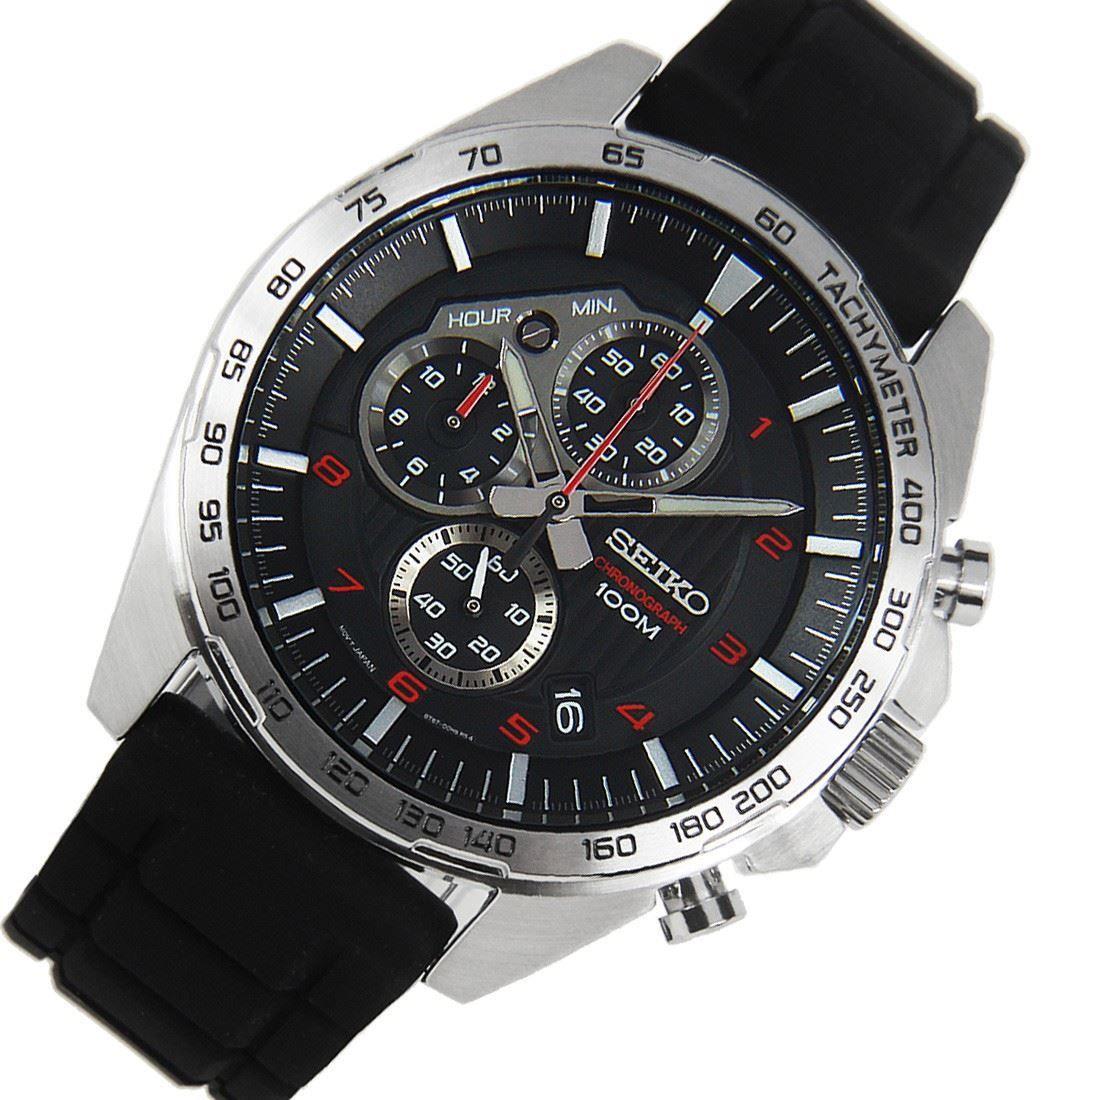 Ssb325p1 Ssb325p Ssb325 Seiko Chronograph Watch Best Watches For Men Seiko Chronograph Watch